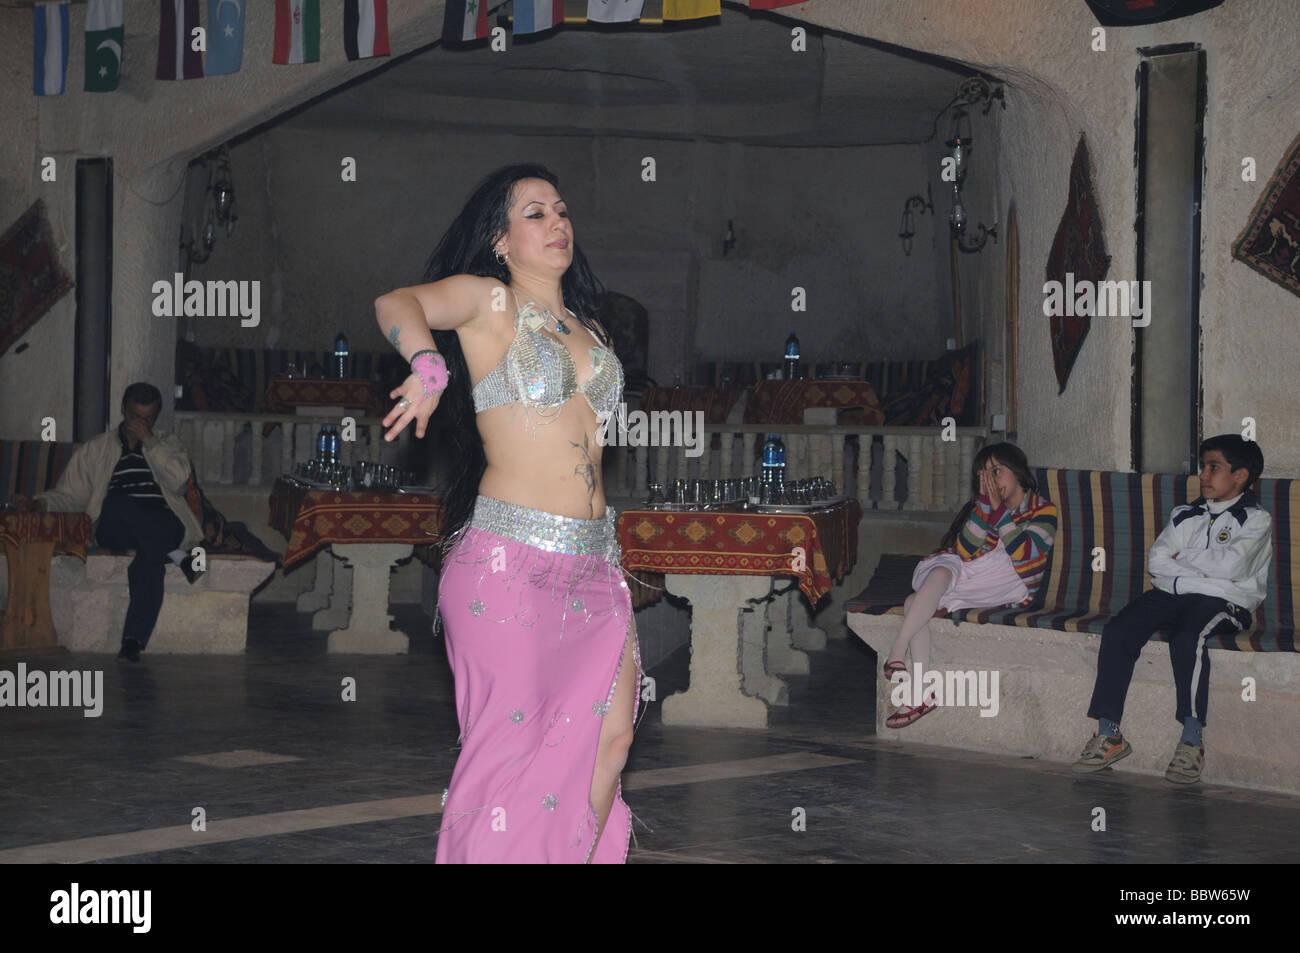 Bbw shaking her belly